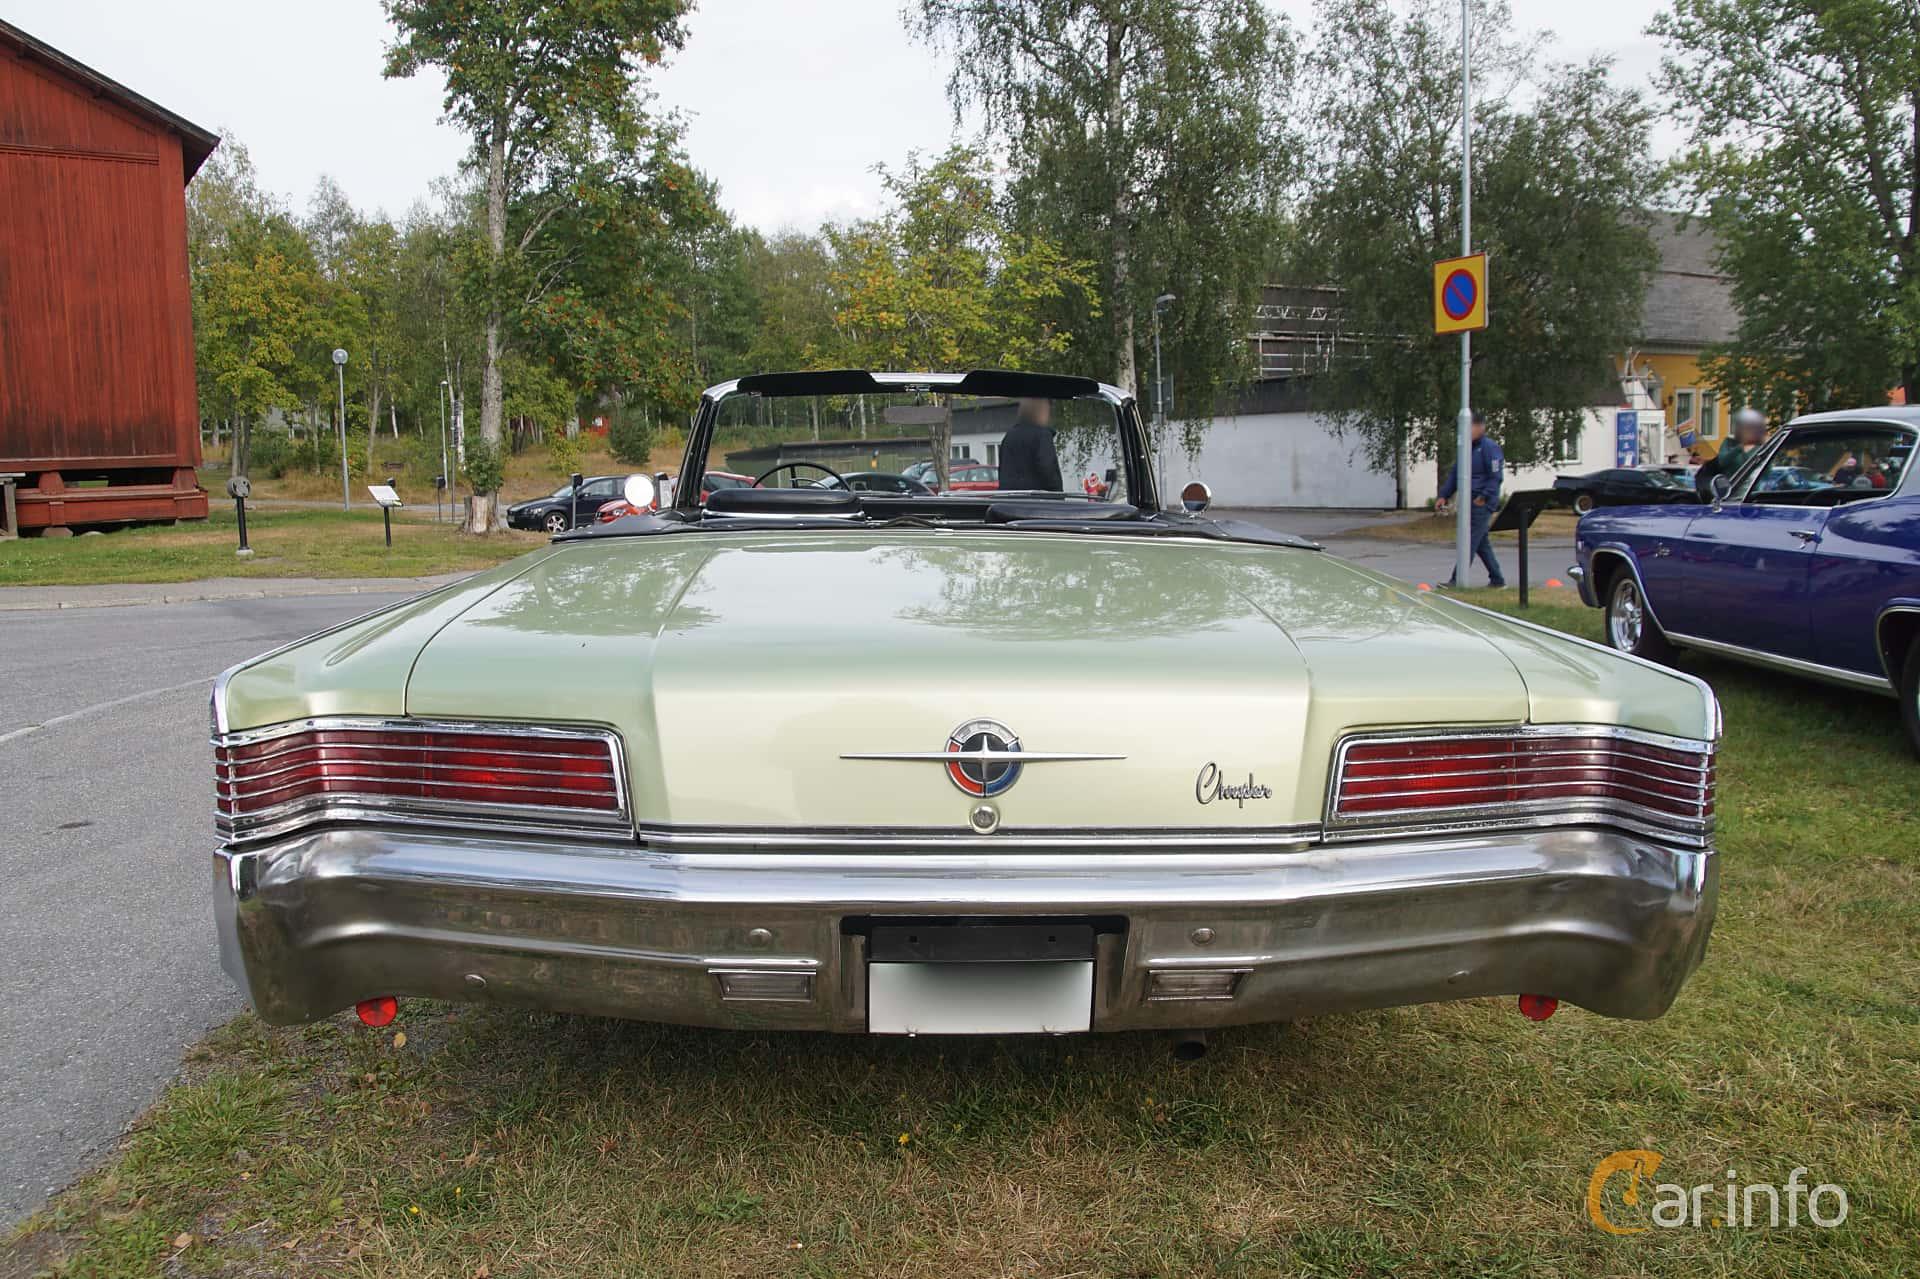 Chrysler 300 Convertible 6.3 V8 TorqueFlite, 330hp, 1966 at Onsdagsträffar på Gammlia Umeå 2019 vecka 32